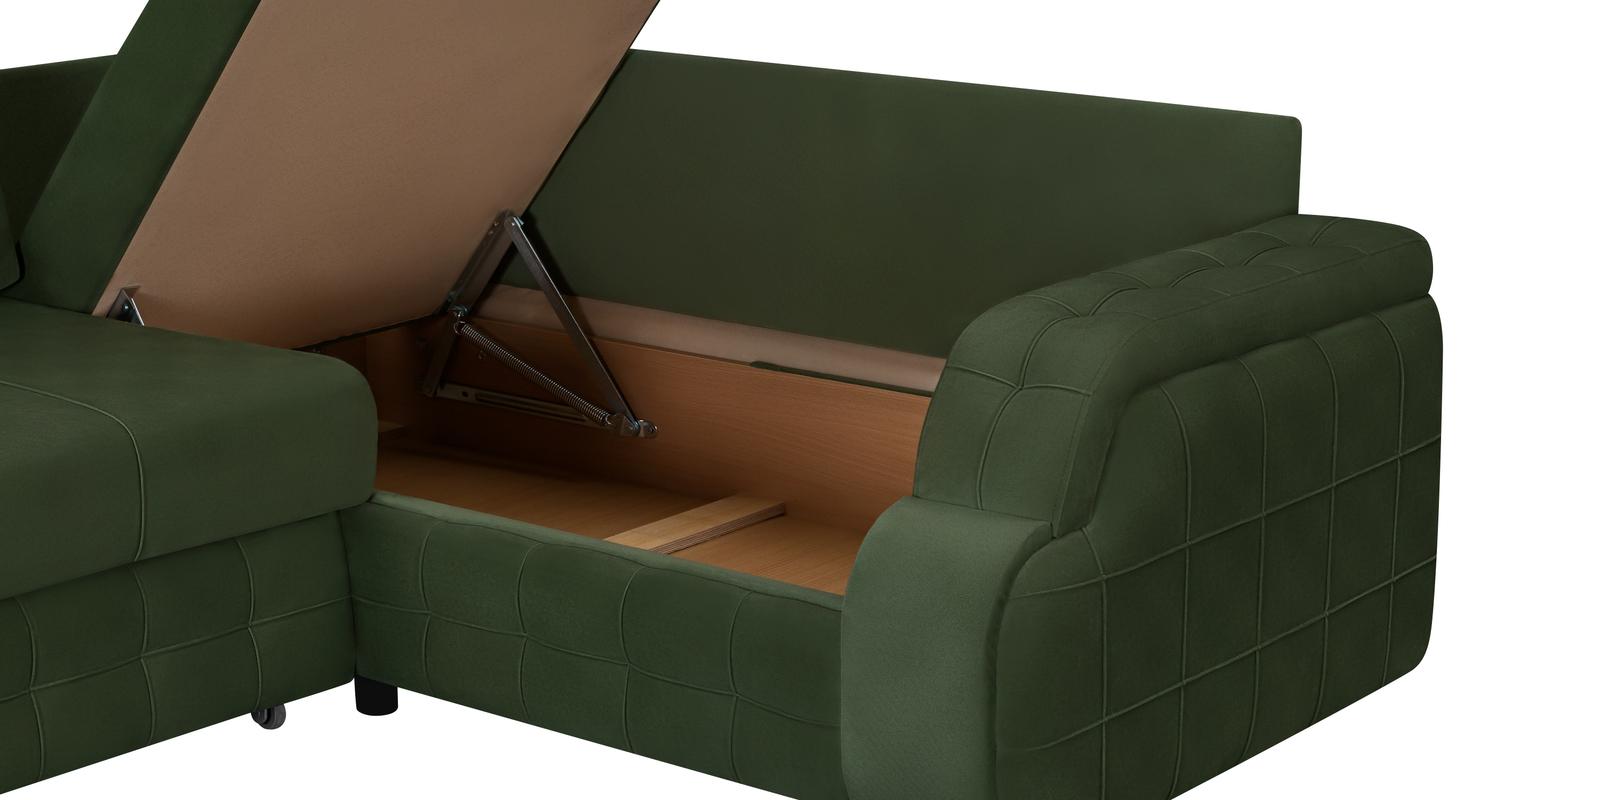 Диван тканевый угловой Николь Maserati зеленый (Велюр)